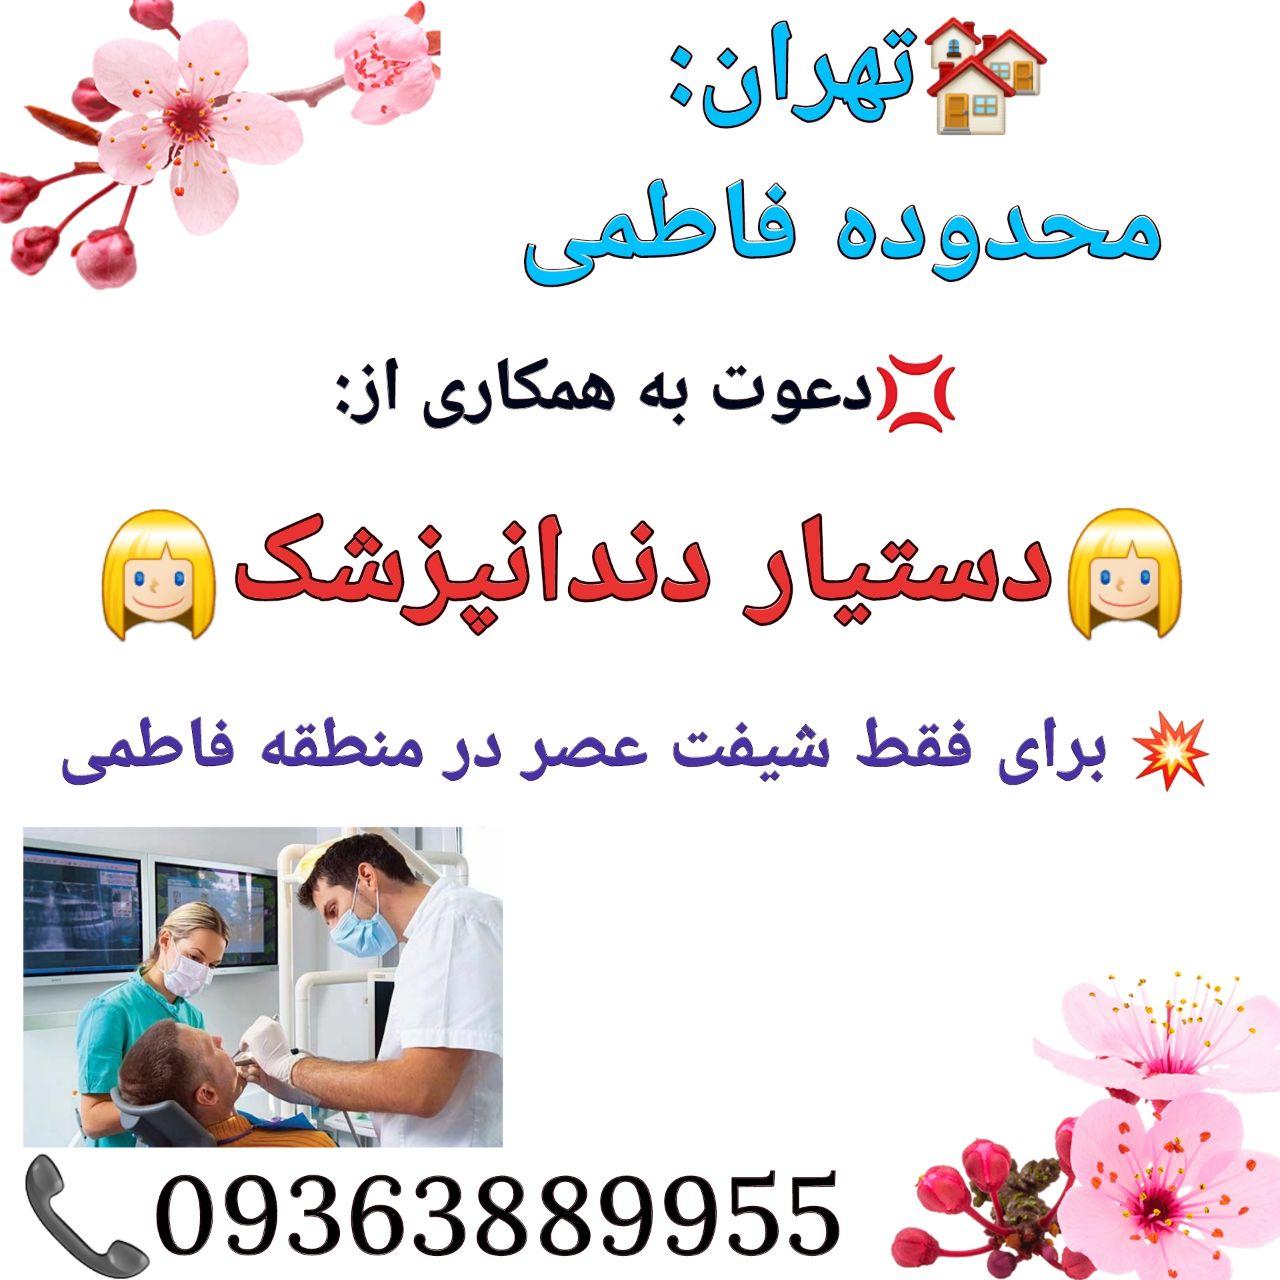 تهران: محدوده فاطمی، نیاز به دستیار دندانپزشک